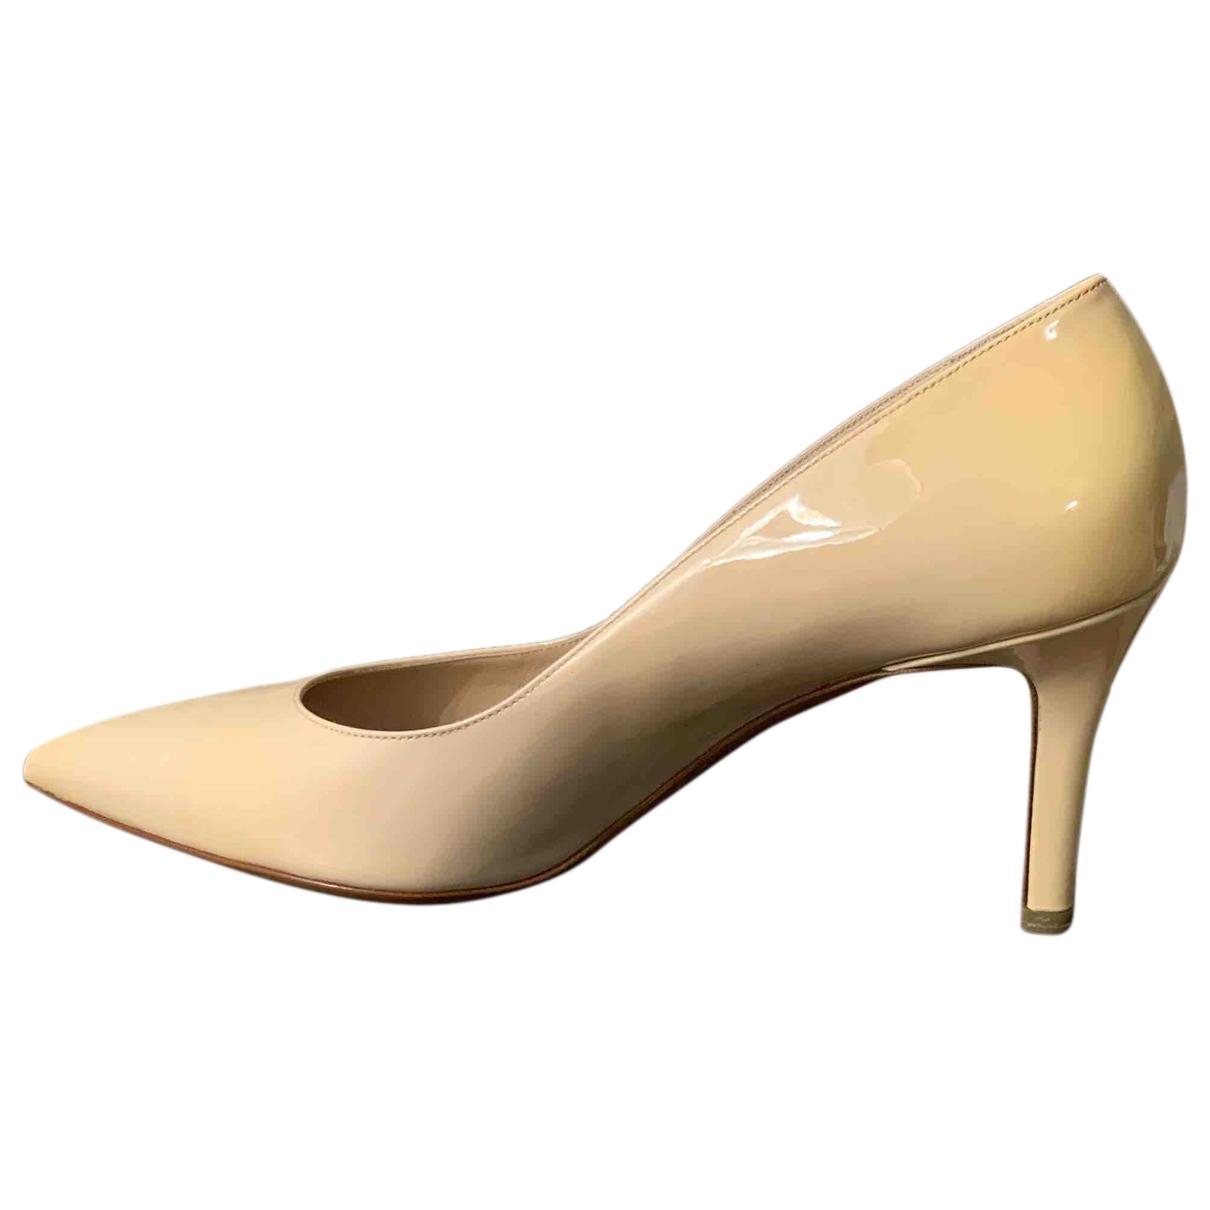 Fratelli Rossetti - Escarpins   pour femme en cuir verni - beige